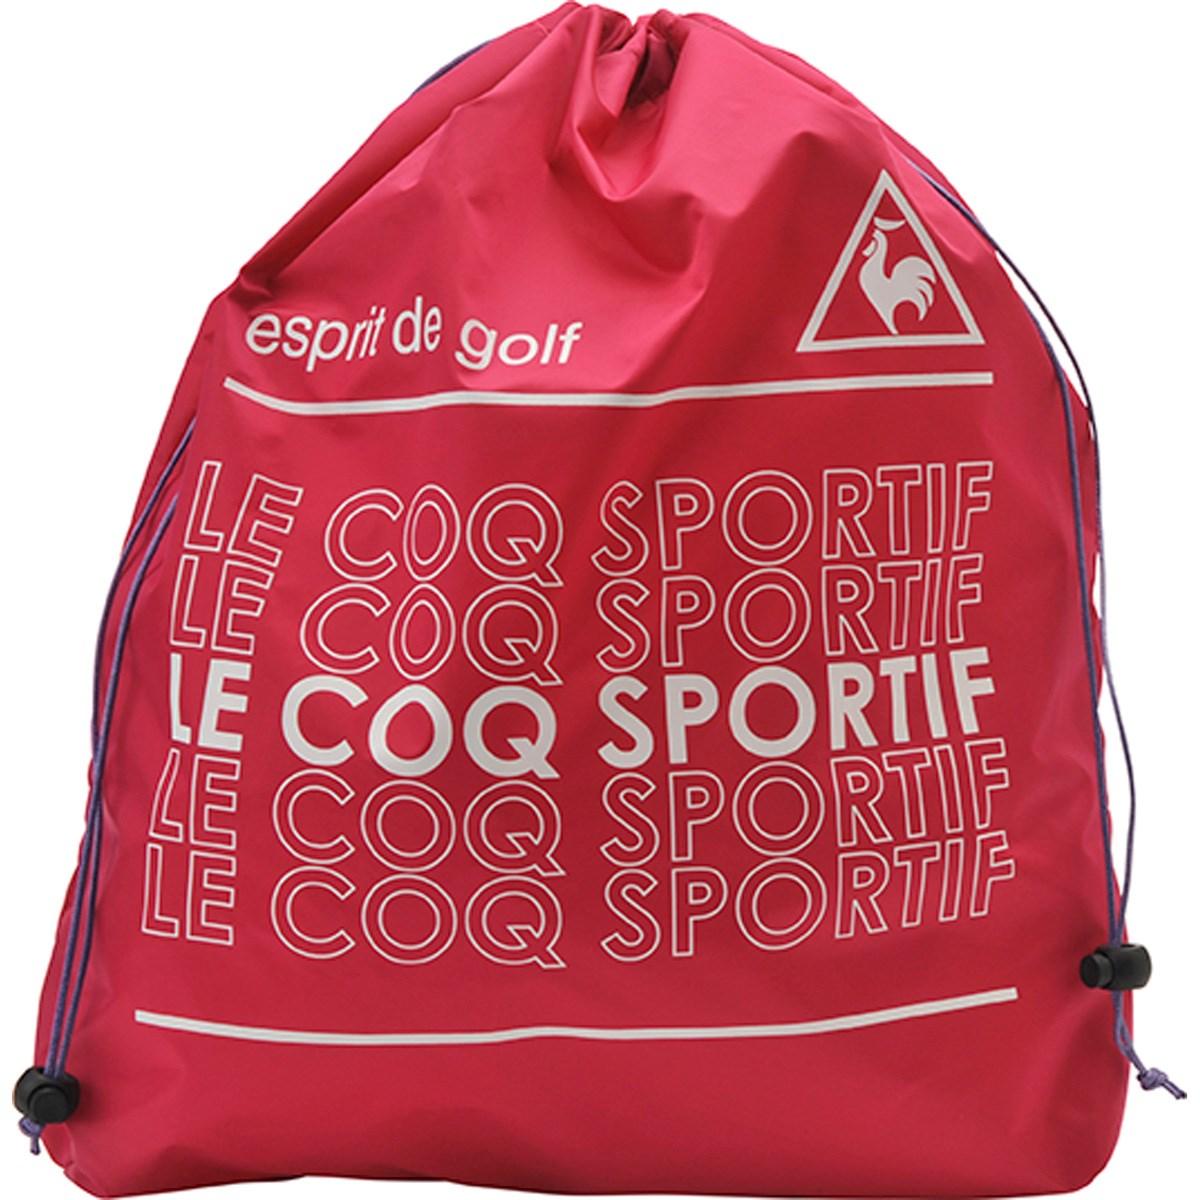 [2020年モデル] ルコックゴルフ Le coq sportif GOLF シューズケース ピンク 00 レディース